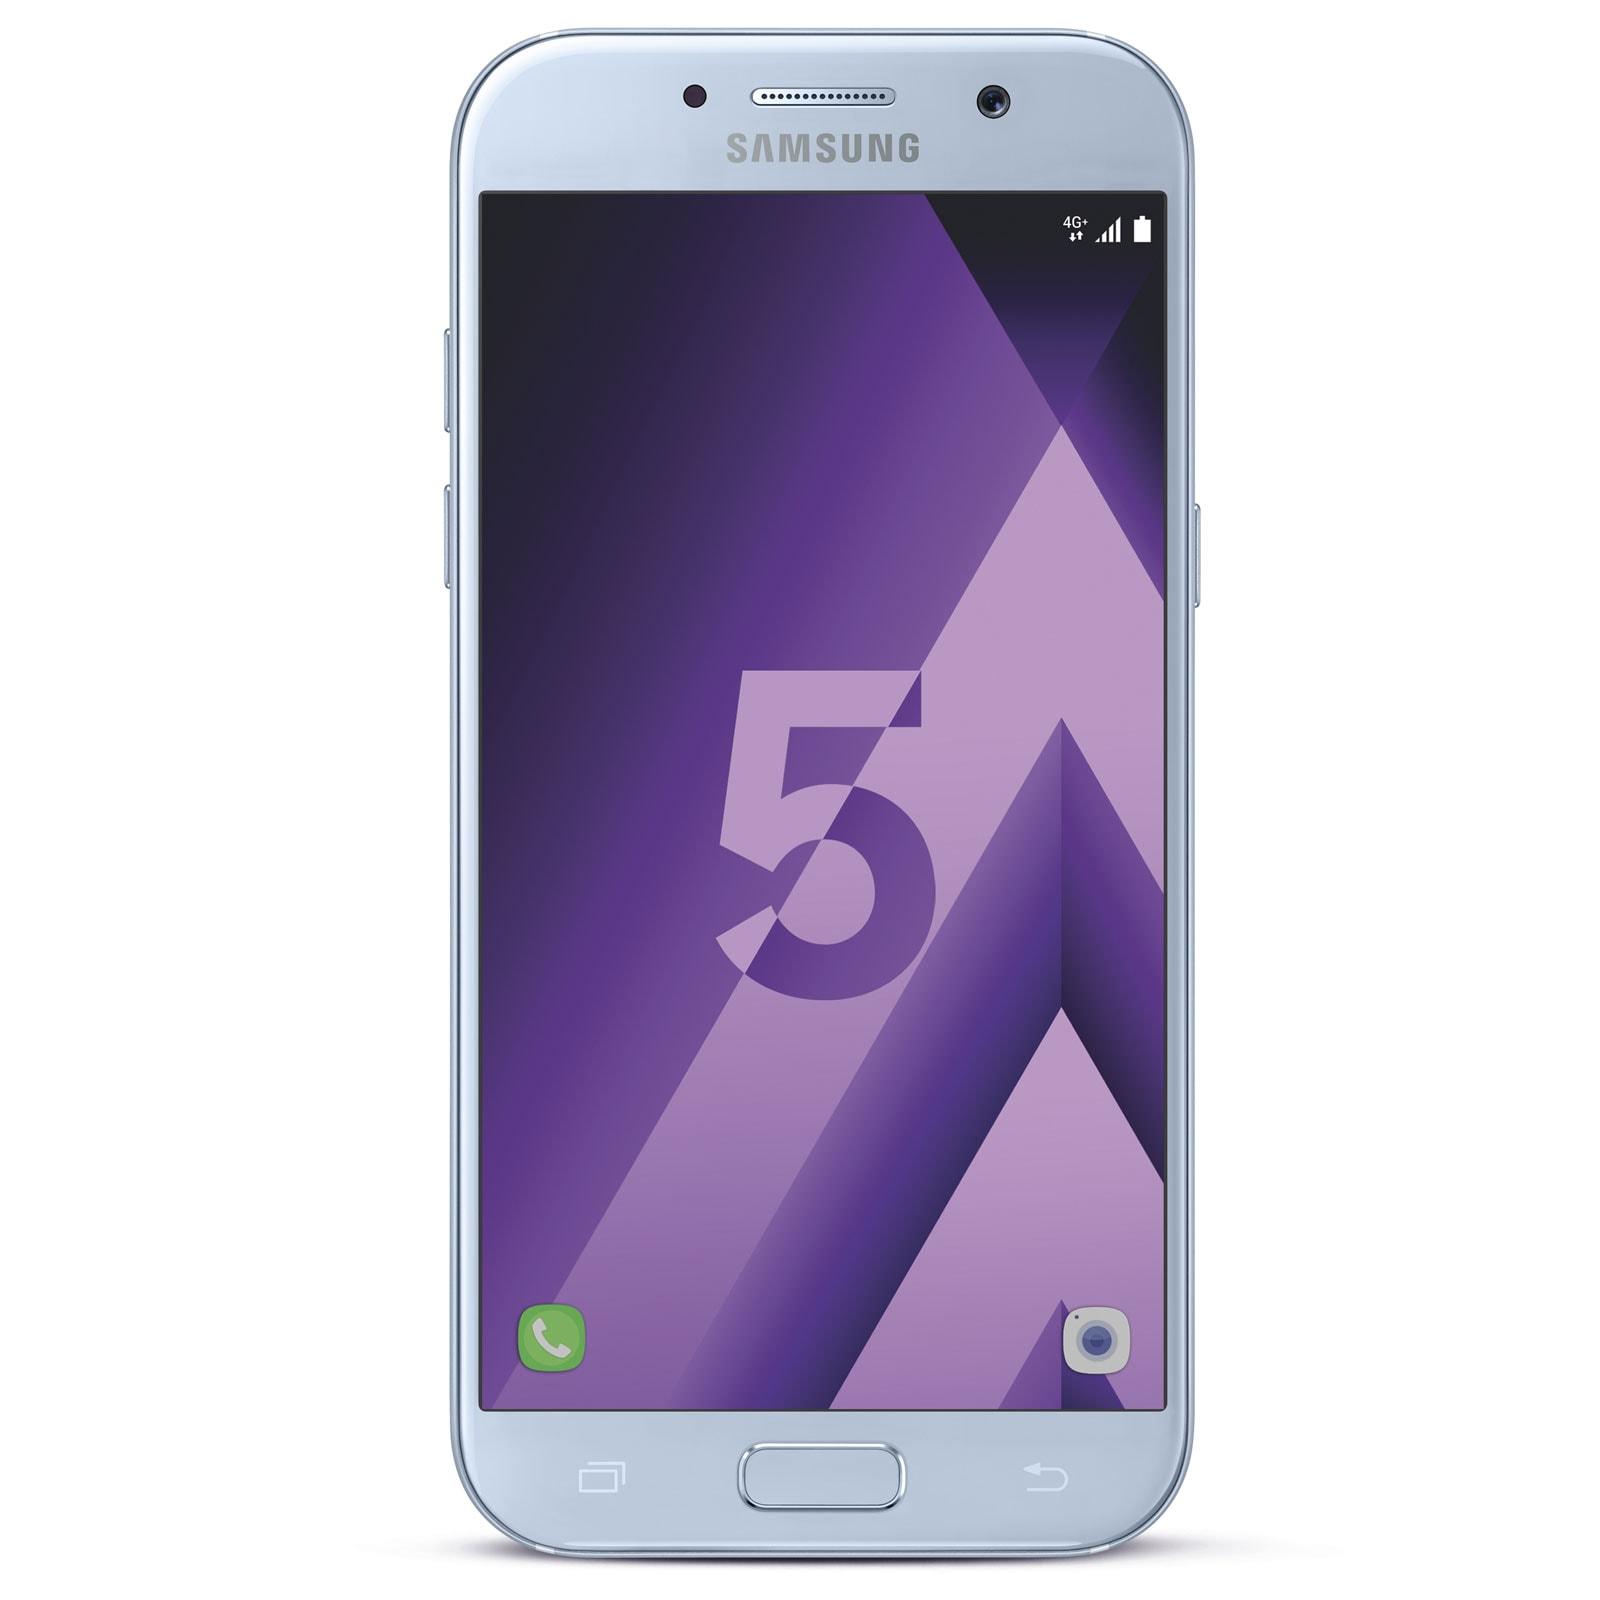 Samsung Galaxy A5 (2017) Bleu - Téléphonie Samsung - Cybertek.fr - 0